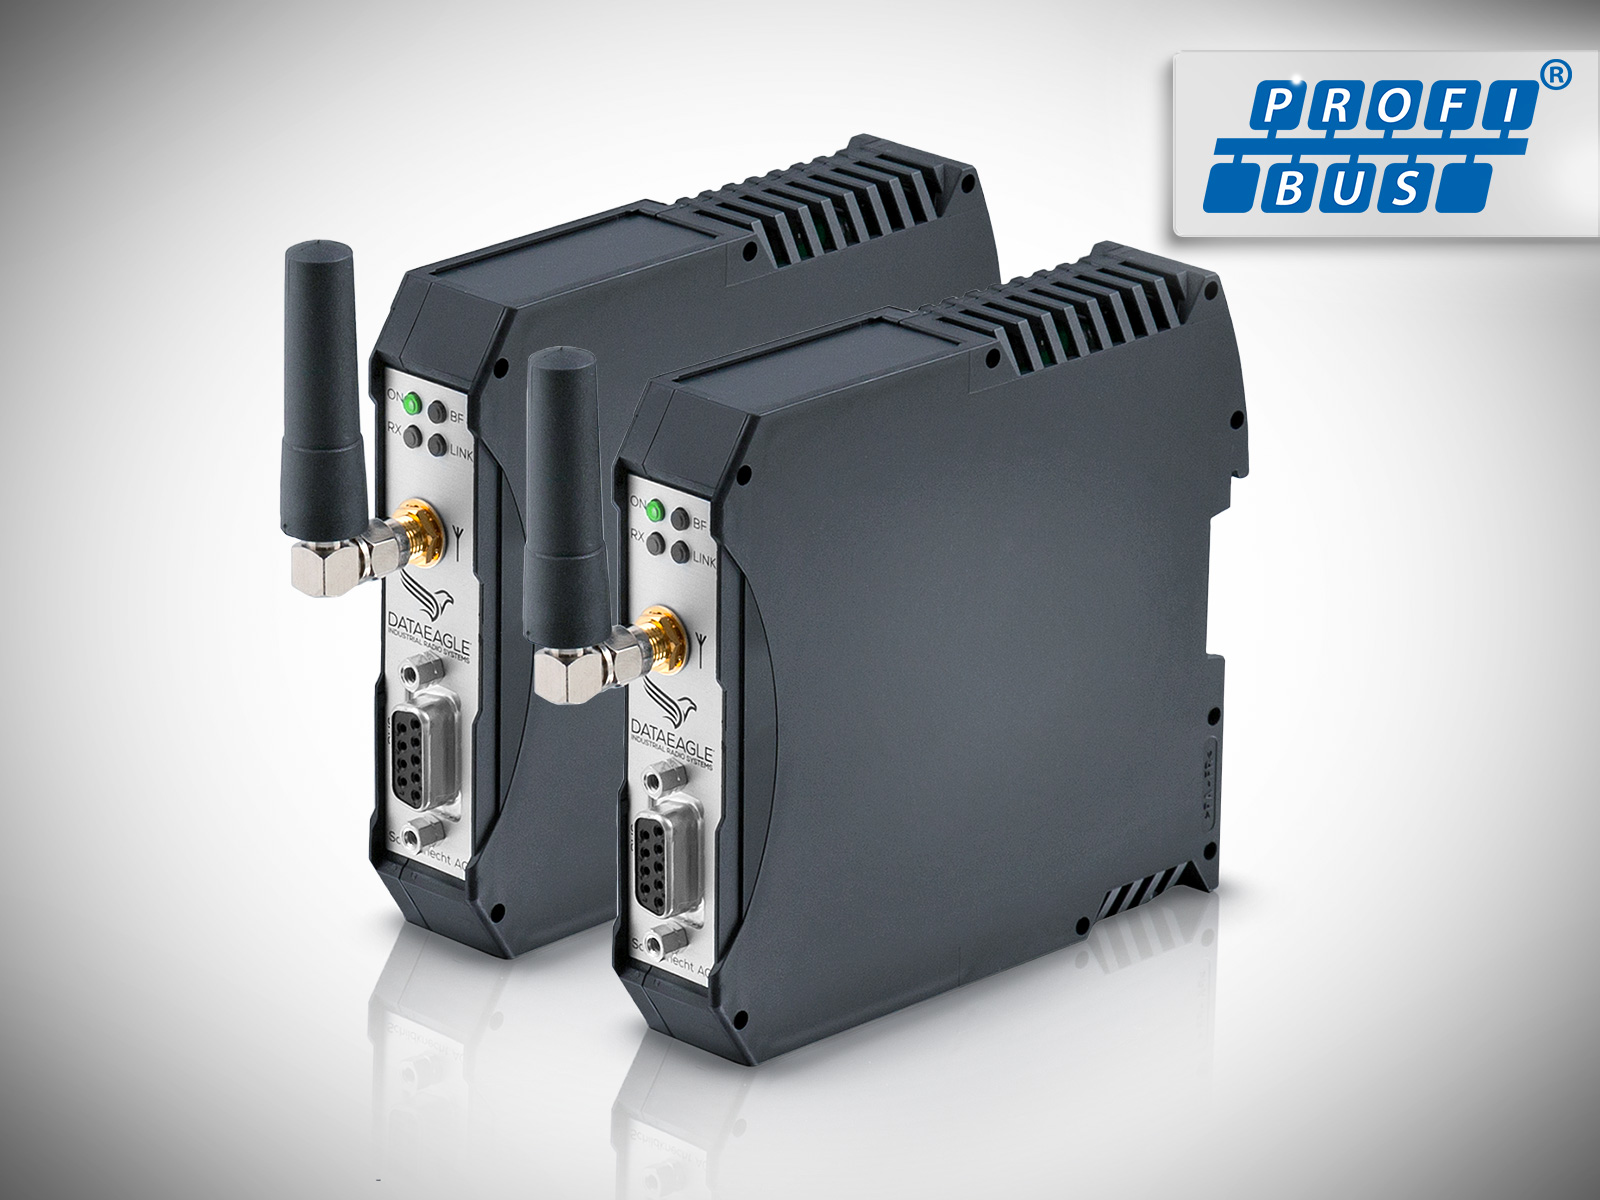 DATAEAGLE 3000 Compact • Wireless PROFIBUS • Kabelloses Funkmodul zur sicheren Datenübertragung von PROFIBUS